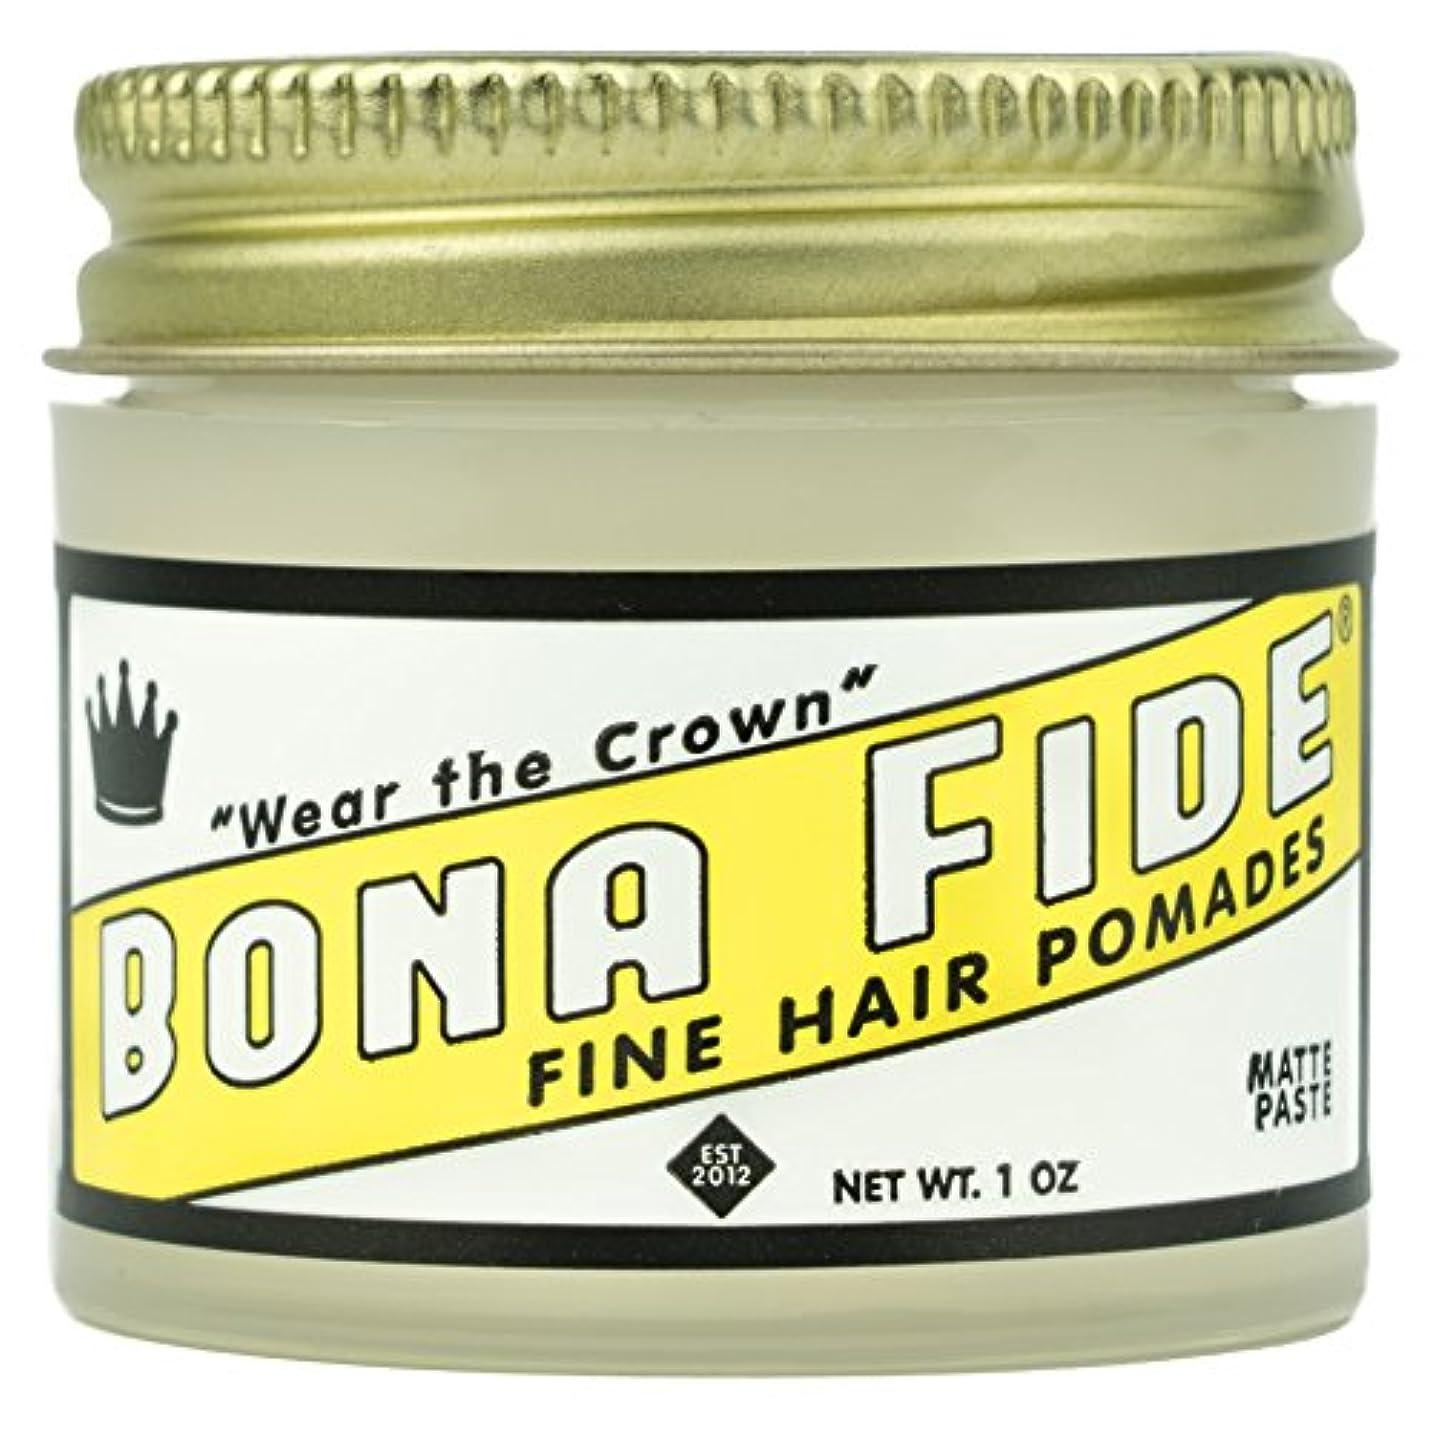 噴水スキャン流用するBona Fide Pomade, マットペースト 1oz (28g) / トラベルサイズ,水性/グリース